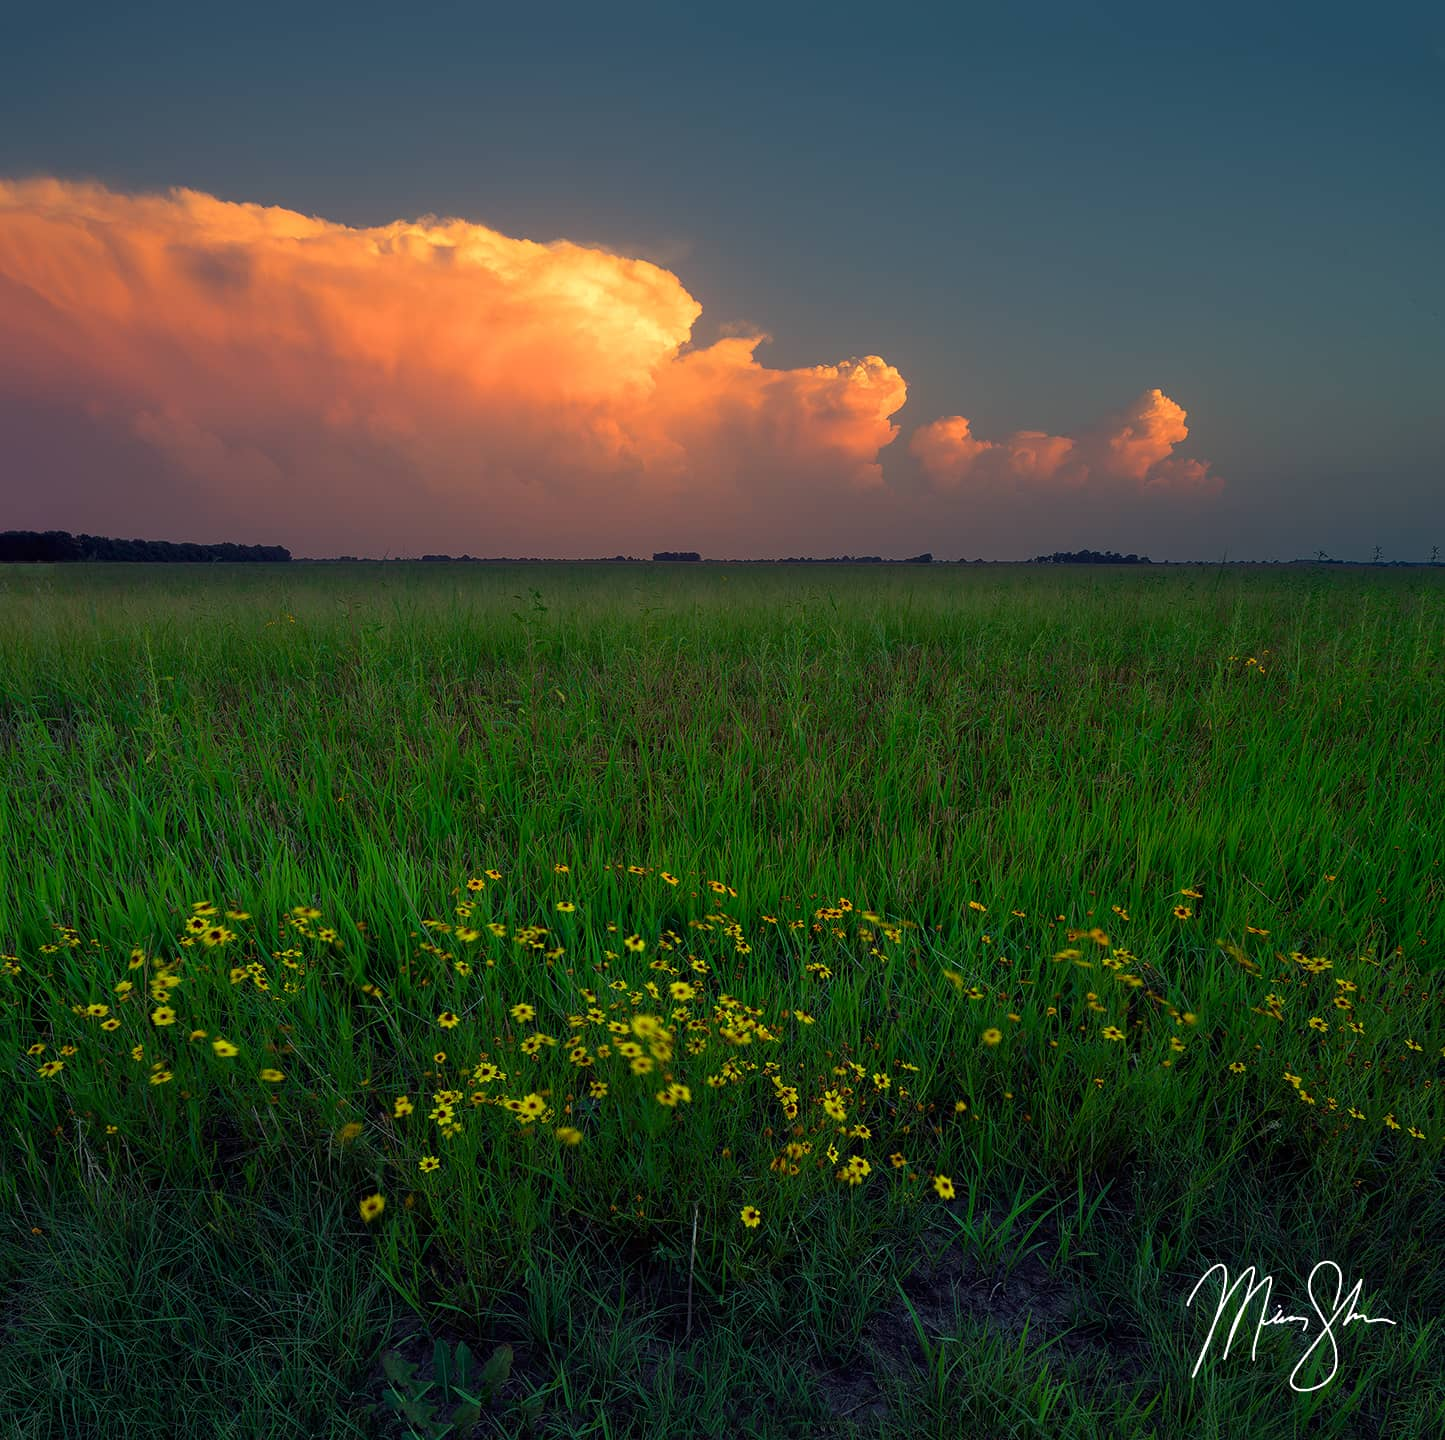 Thunderstorm Sunset - Wichita, KS